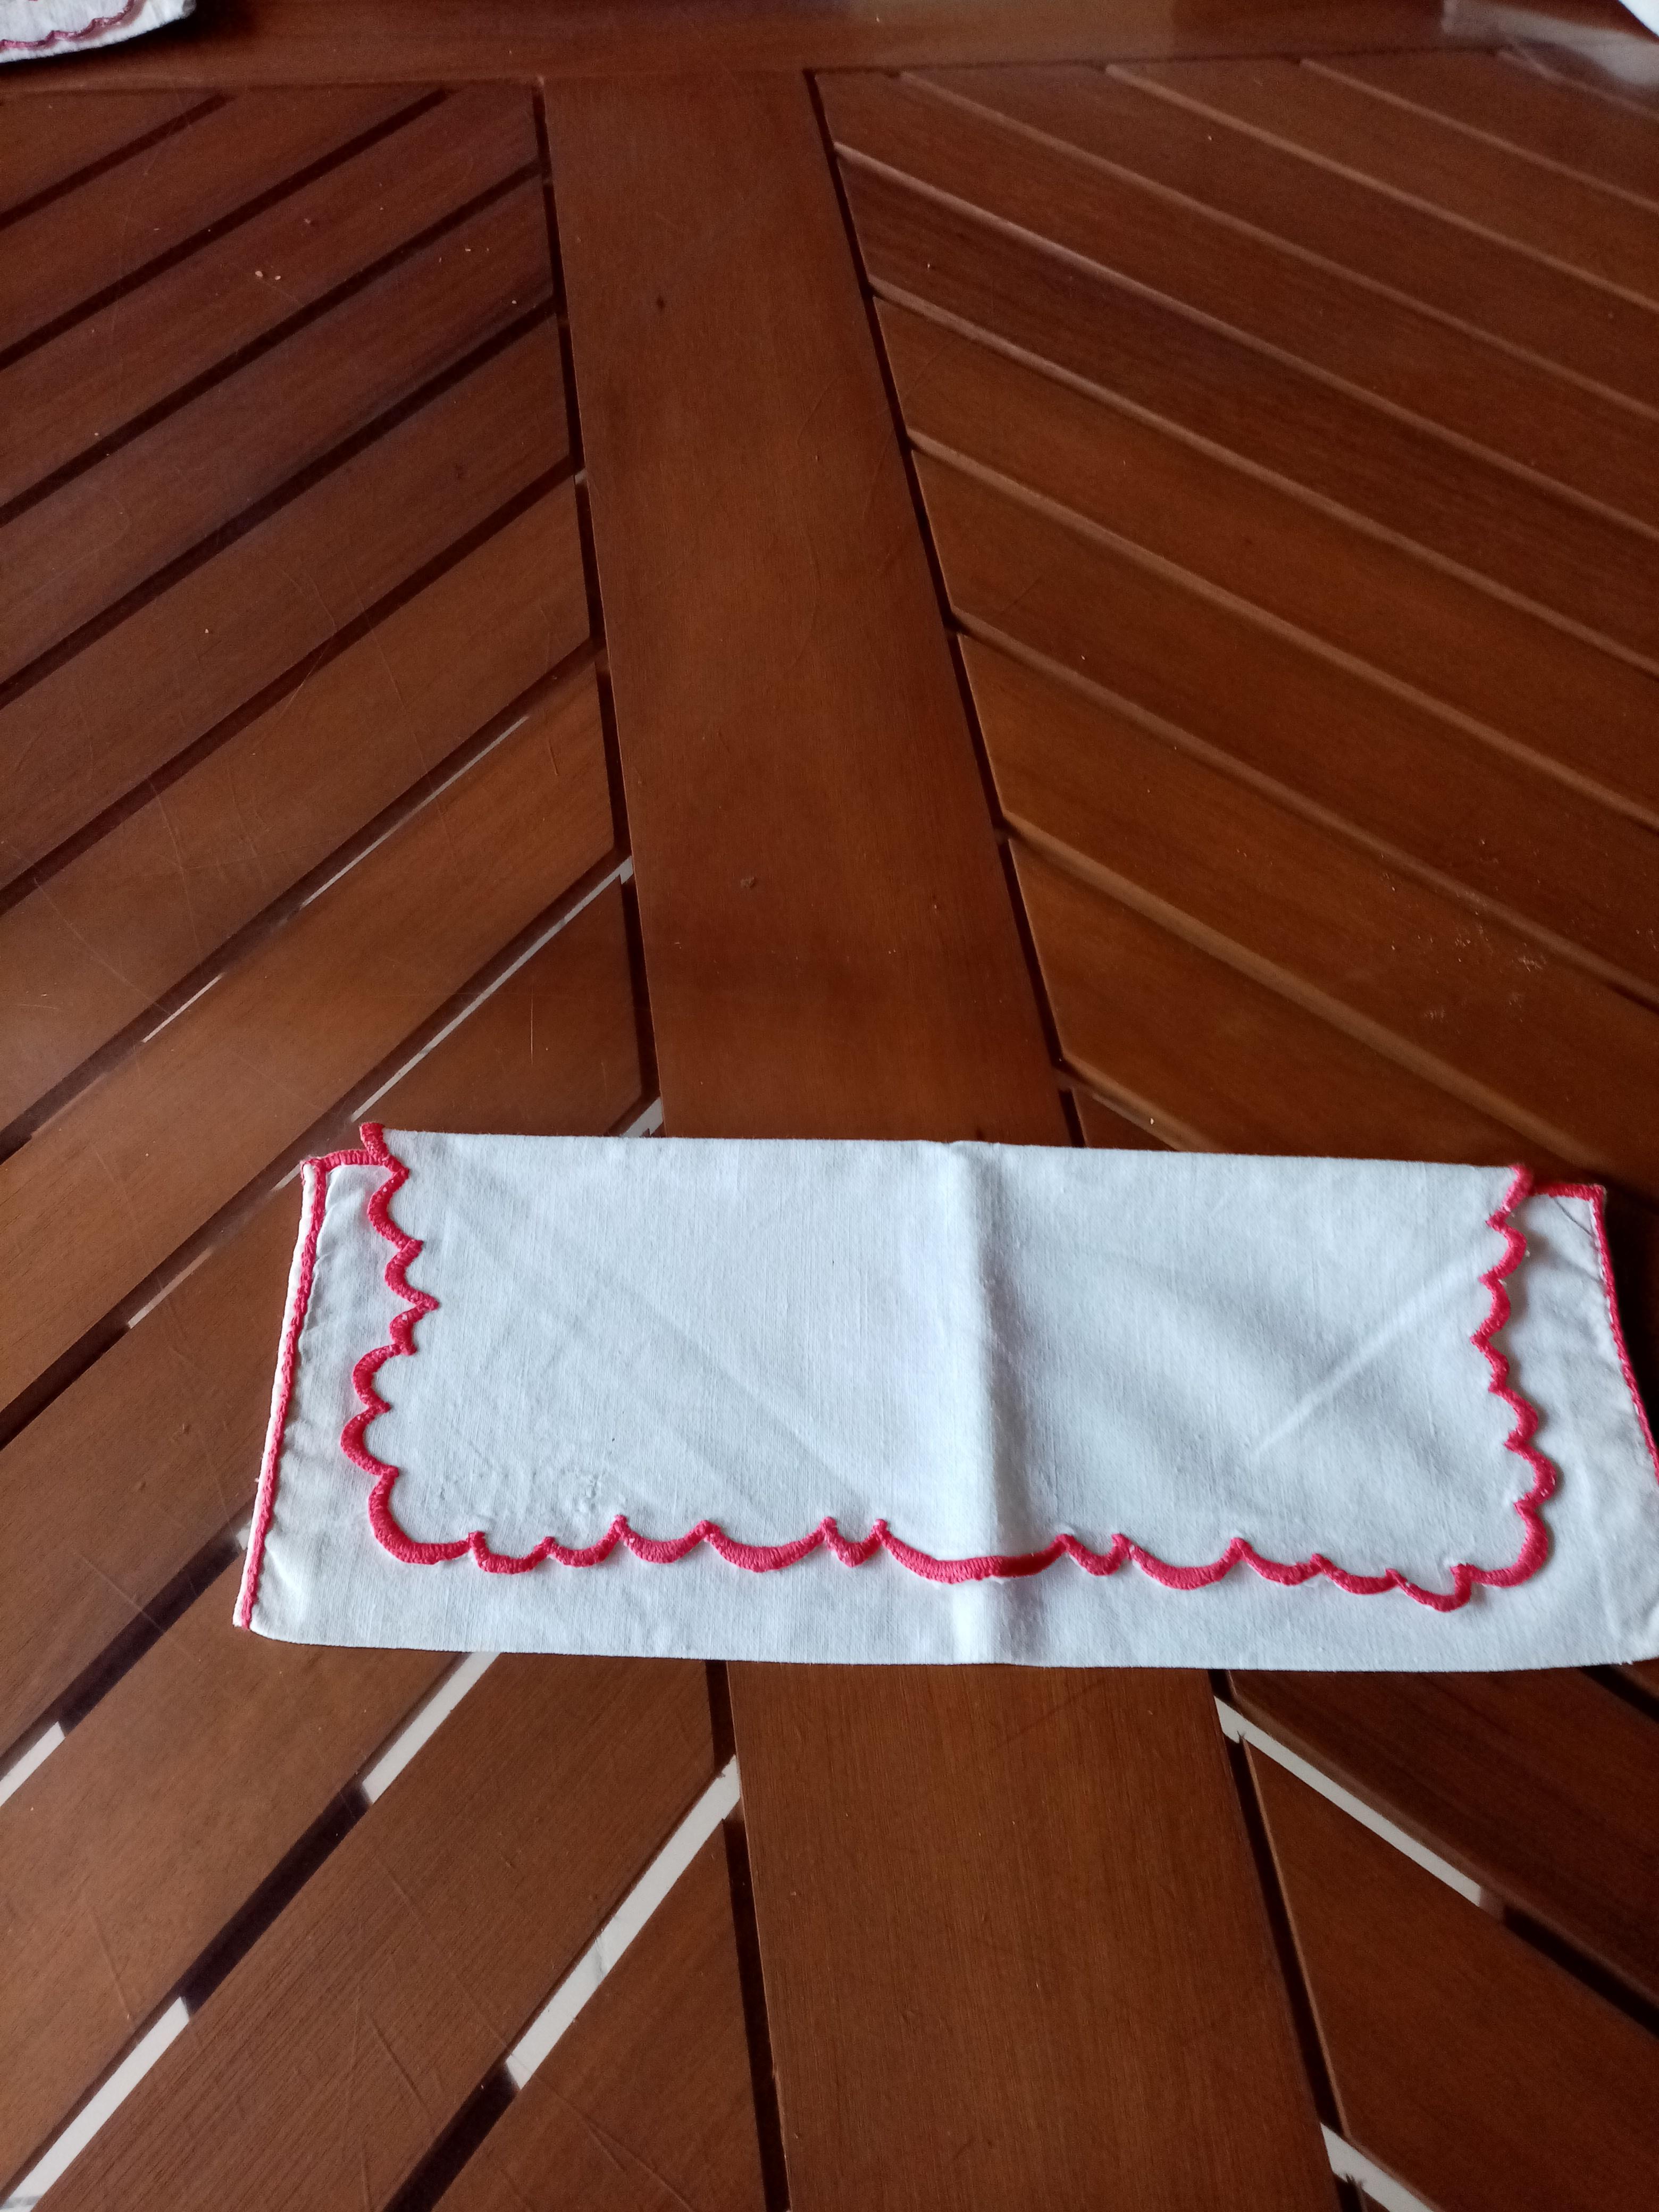 troc de troc range serviette  fait mains      1  noisette image 0